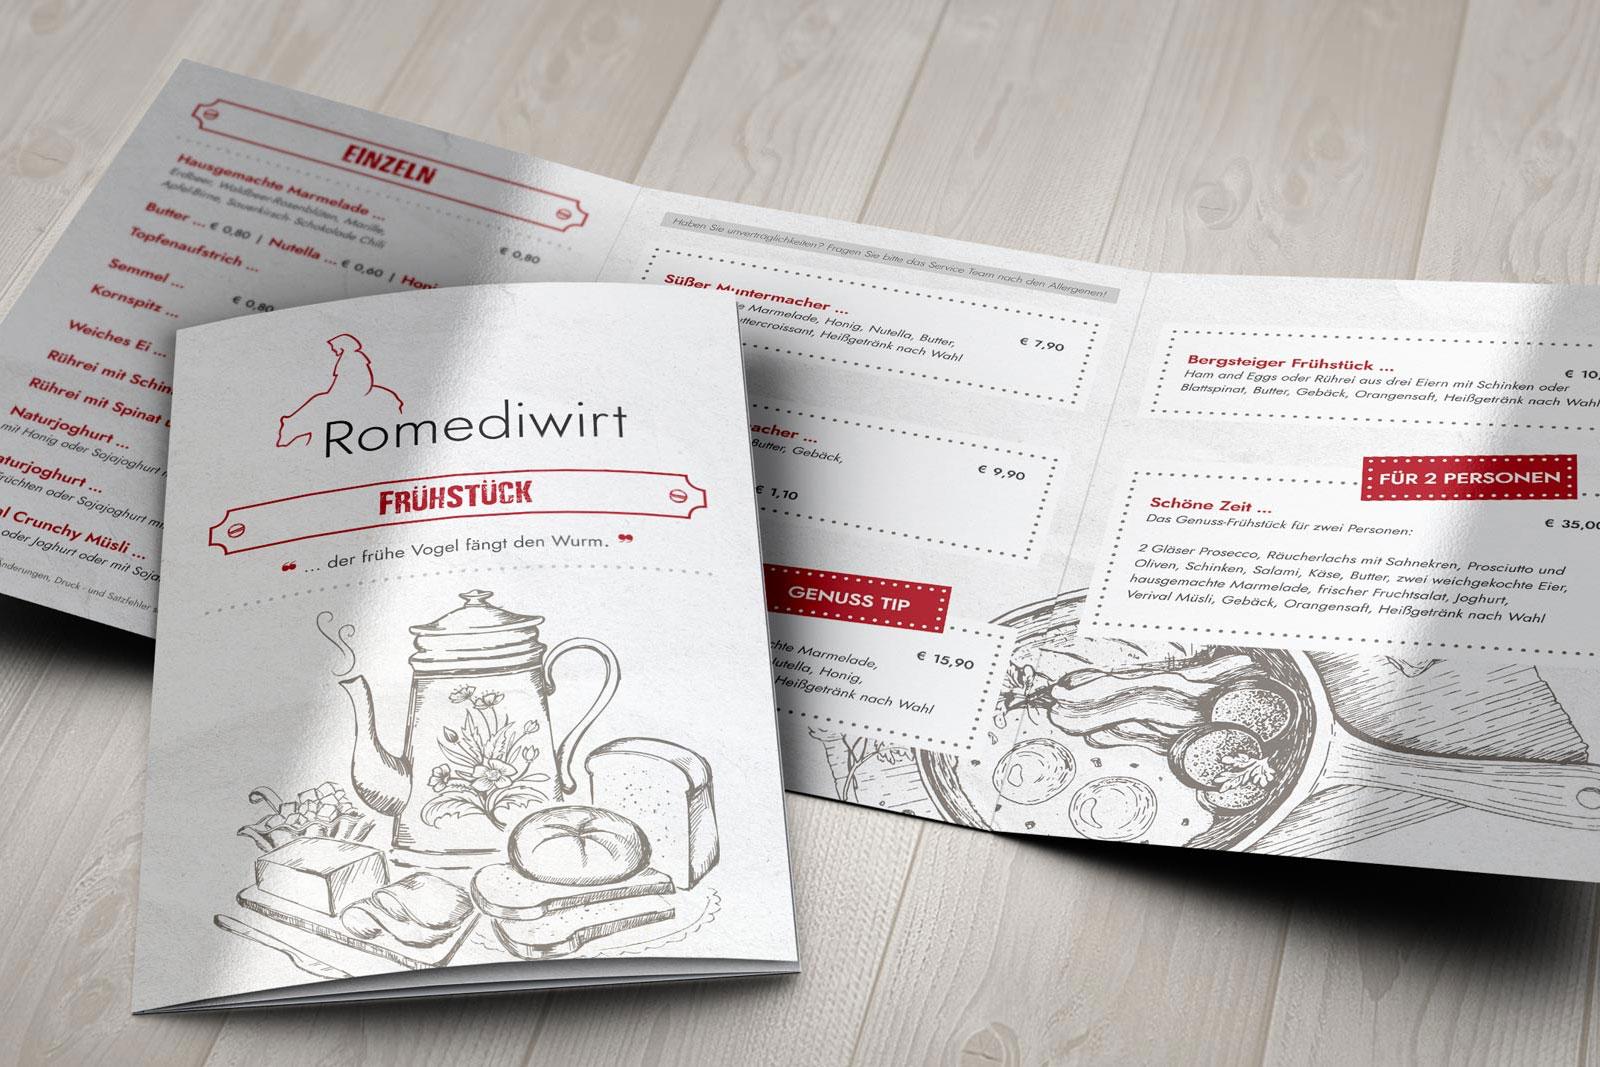 Werbeagentur - agentur 13 Tirol, Romediwirt Grafikdesign